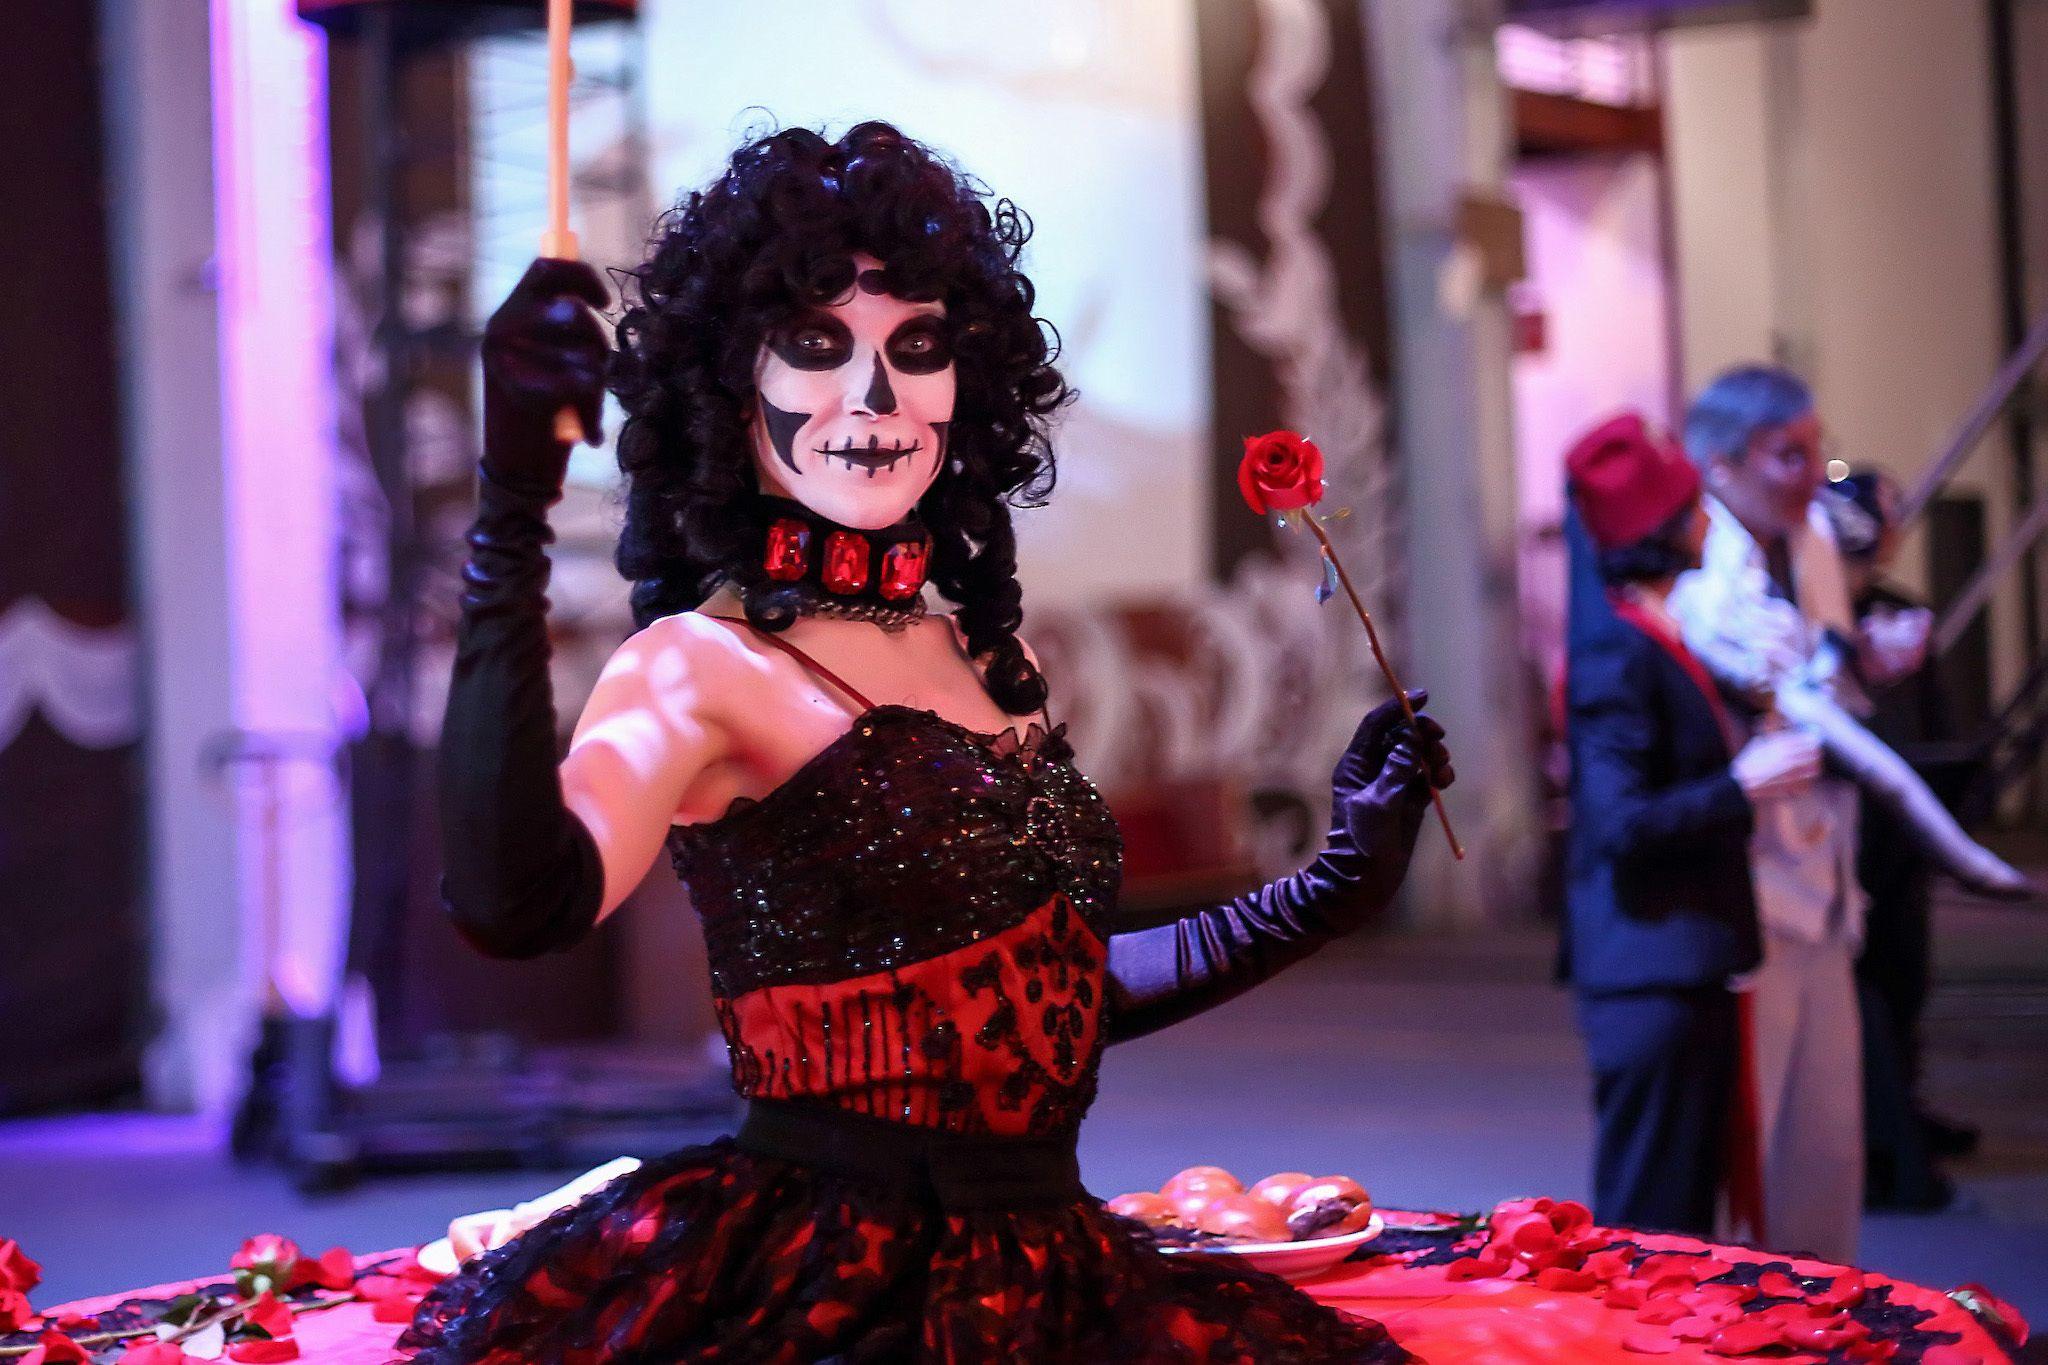 Halloween in Chicago 2020 Halloween event, Spooky